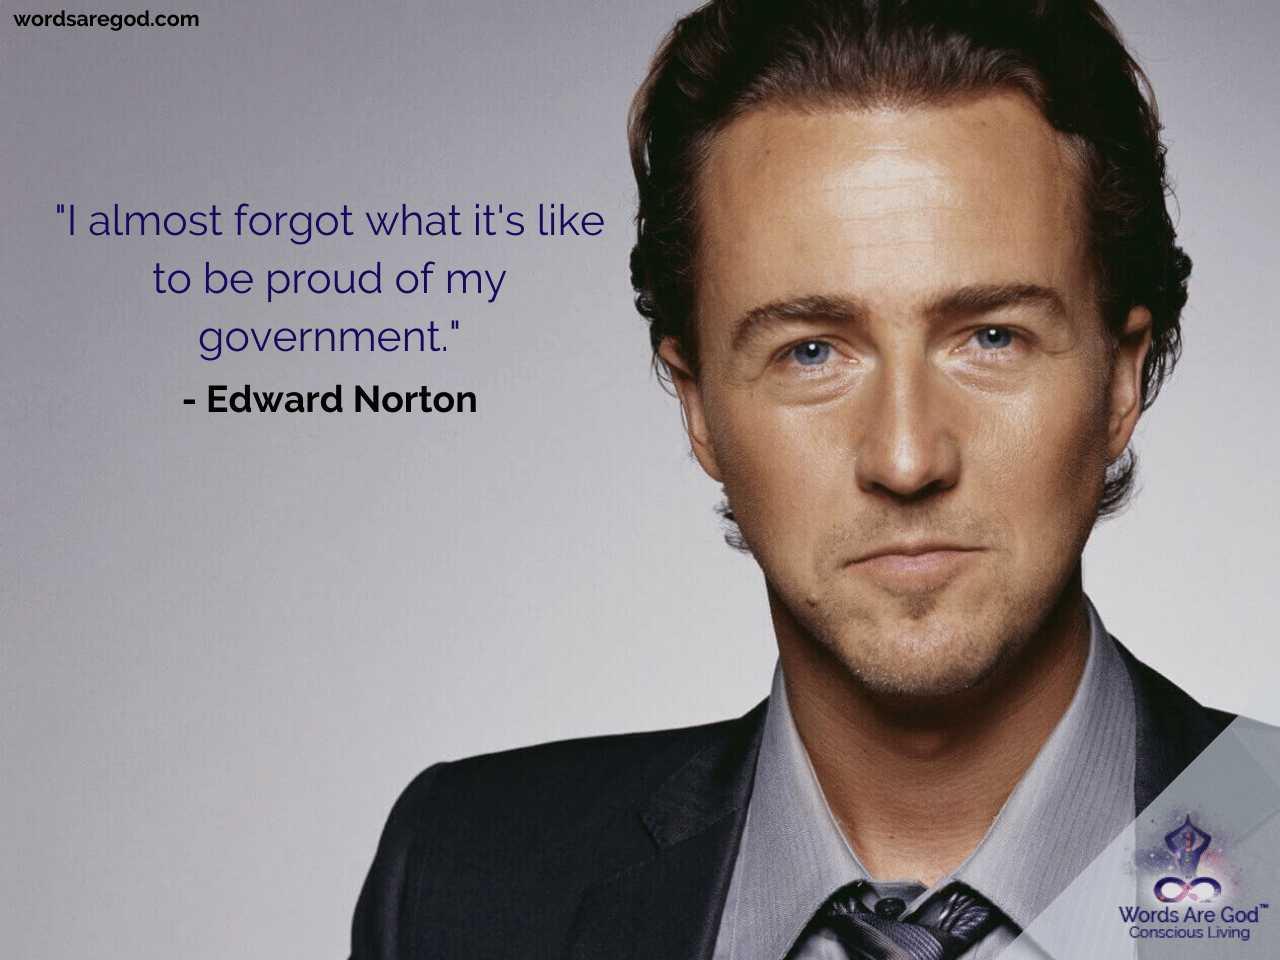 Edward Norton Motivational Quotes by Edward Norton